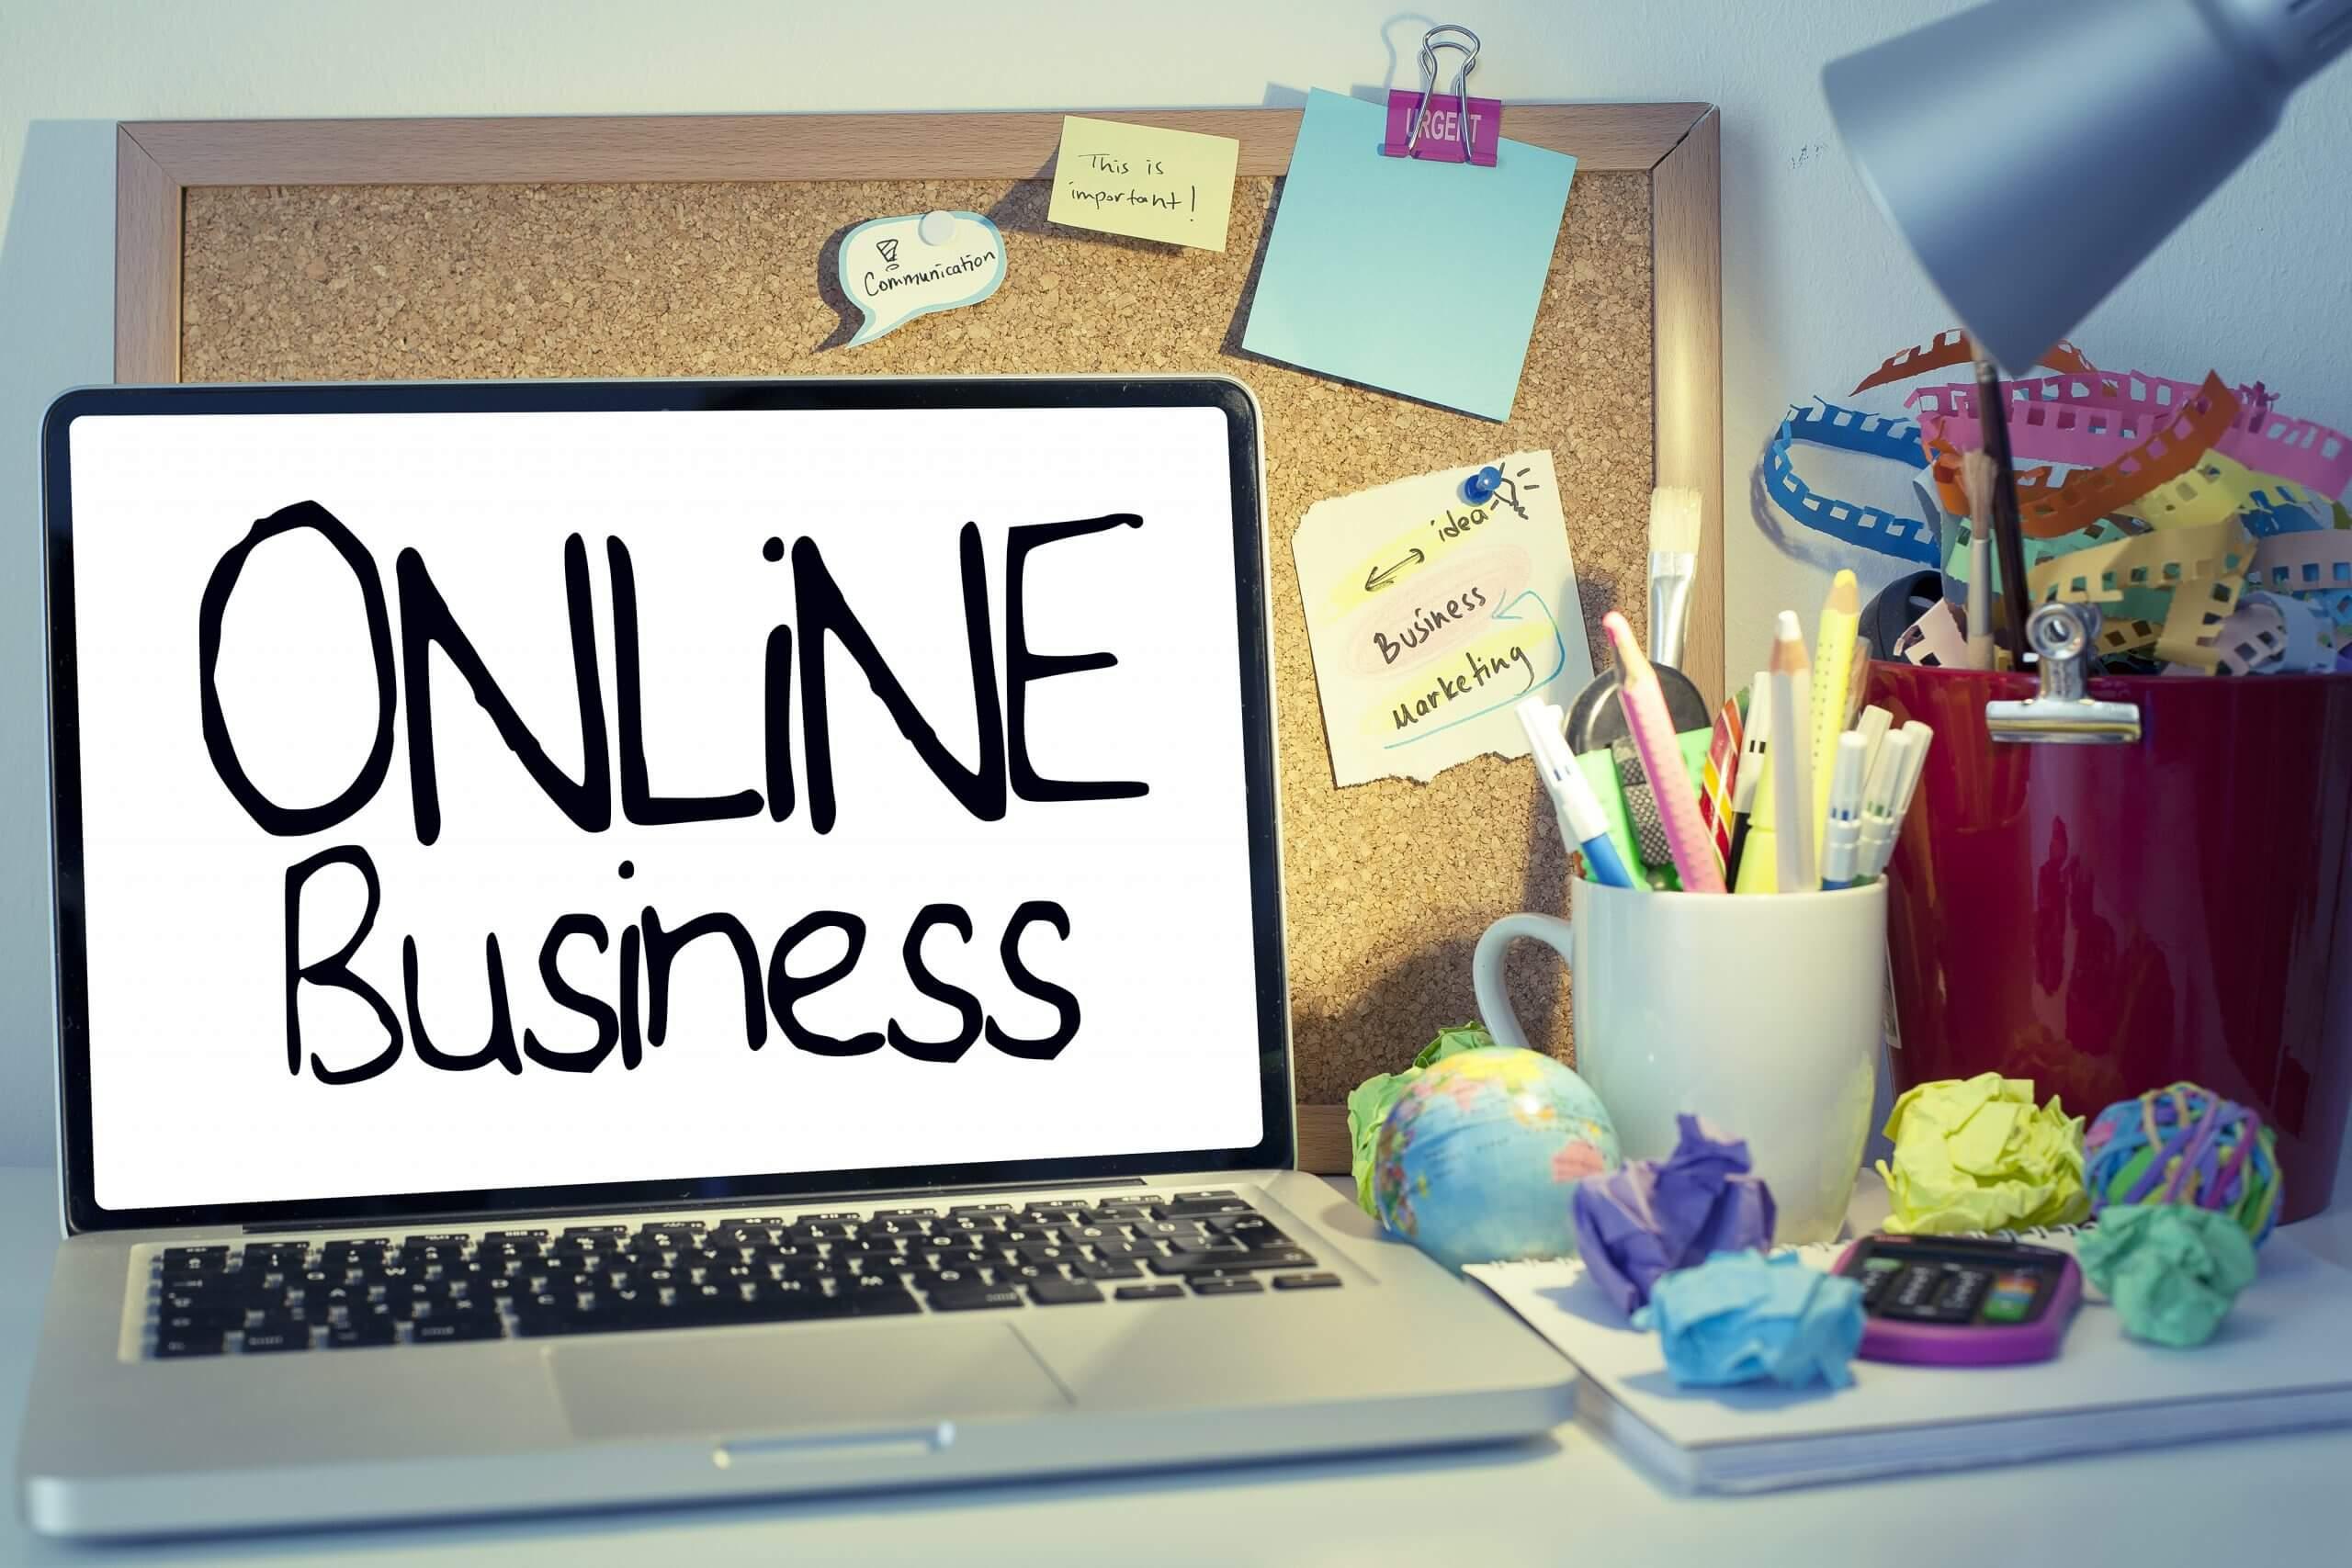 Ide Bisnis Online Terkini Yang Patut Kamu Coba